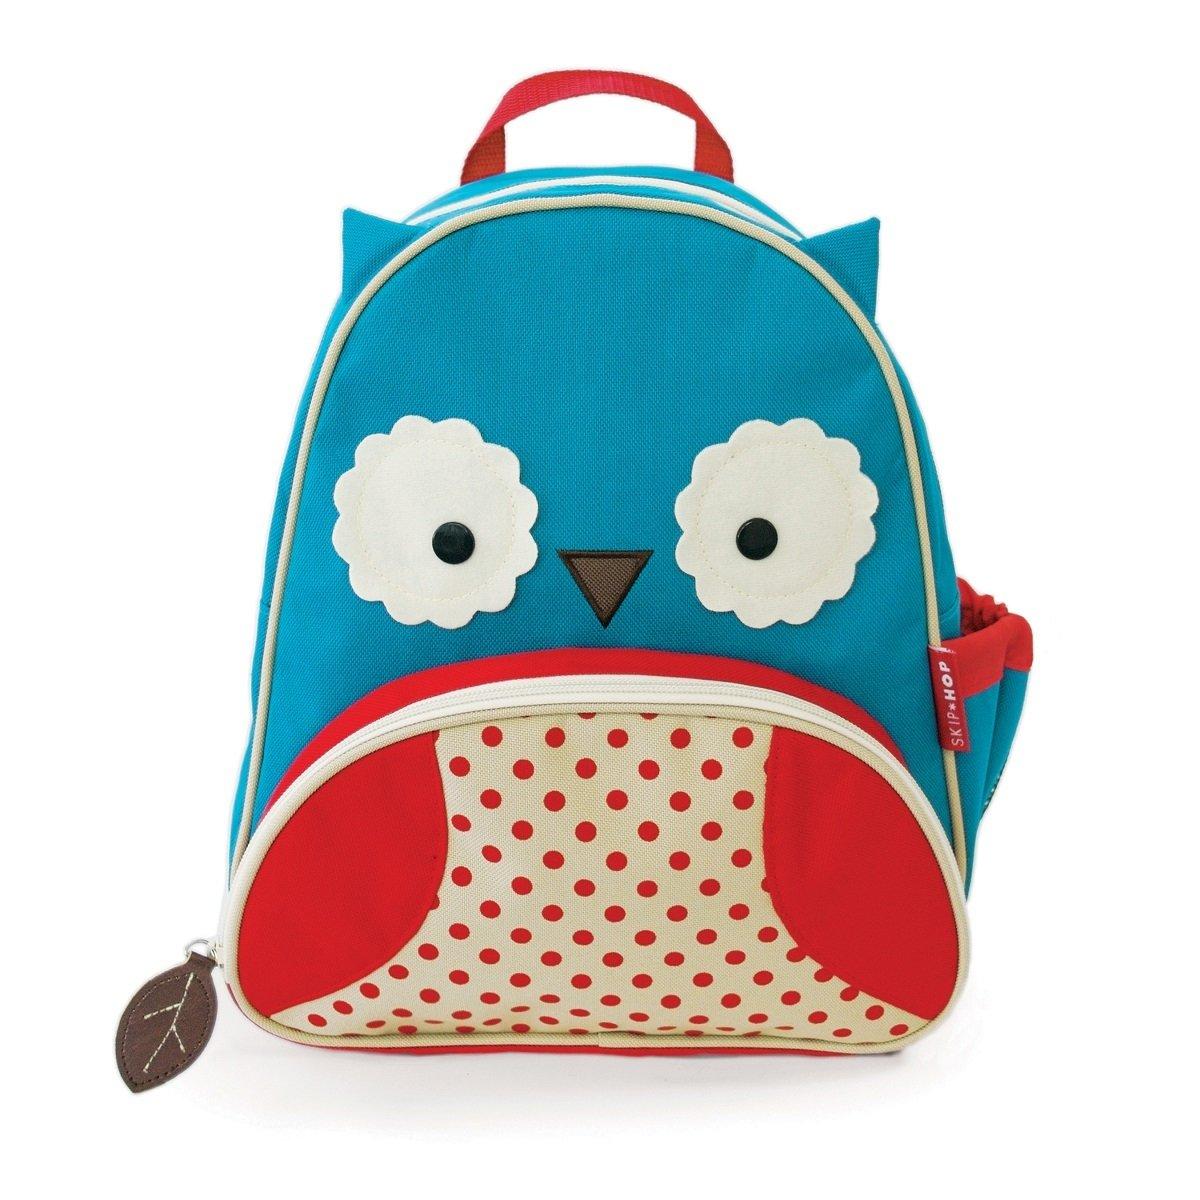 可愛動物園小童背包 - 貓頭鷹